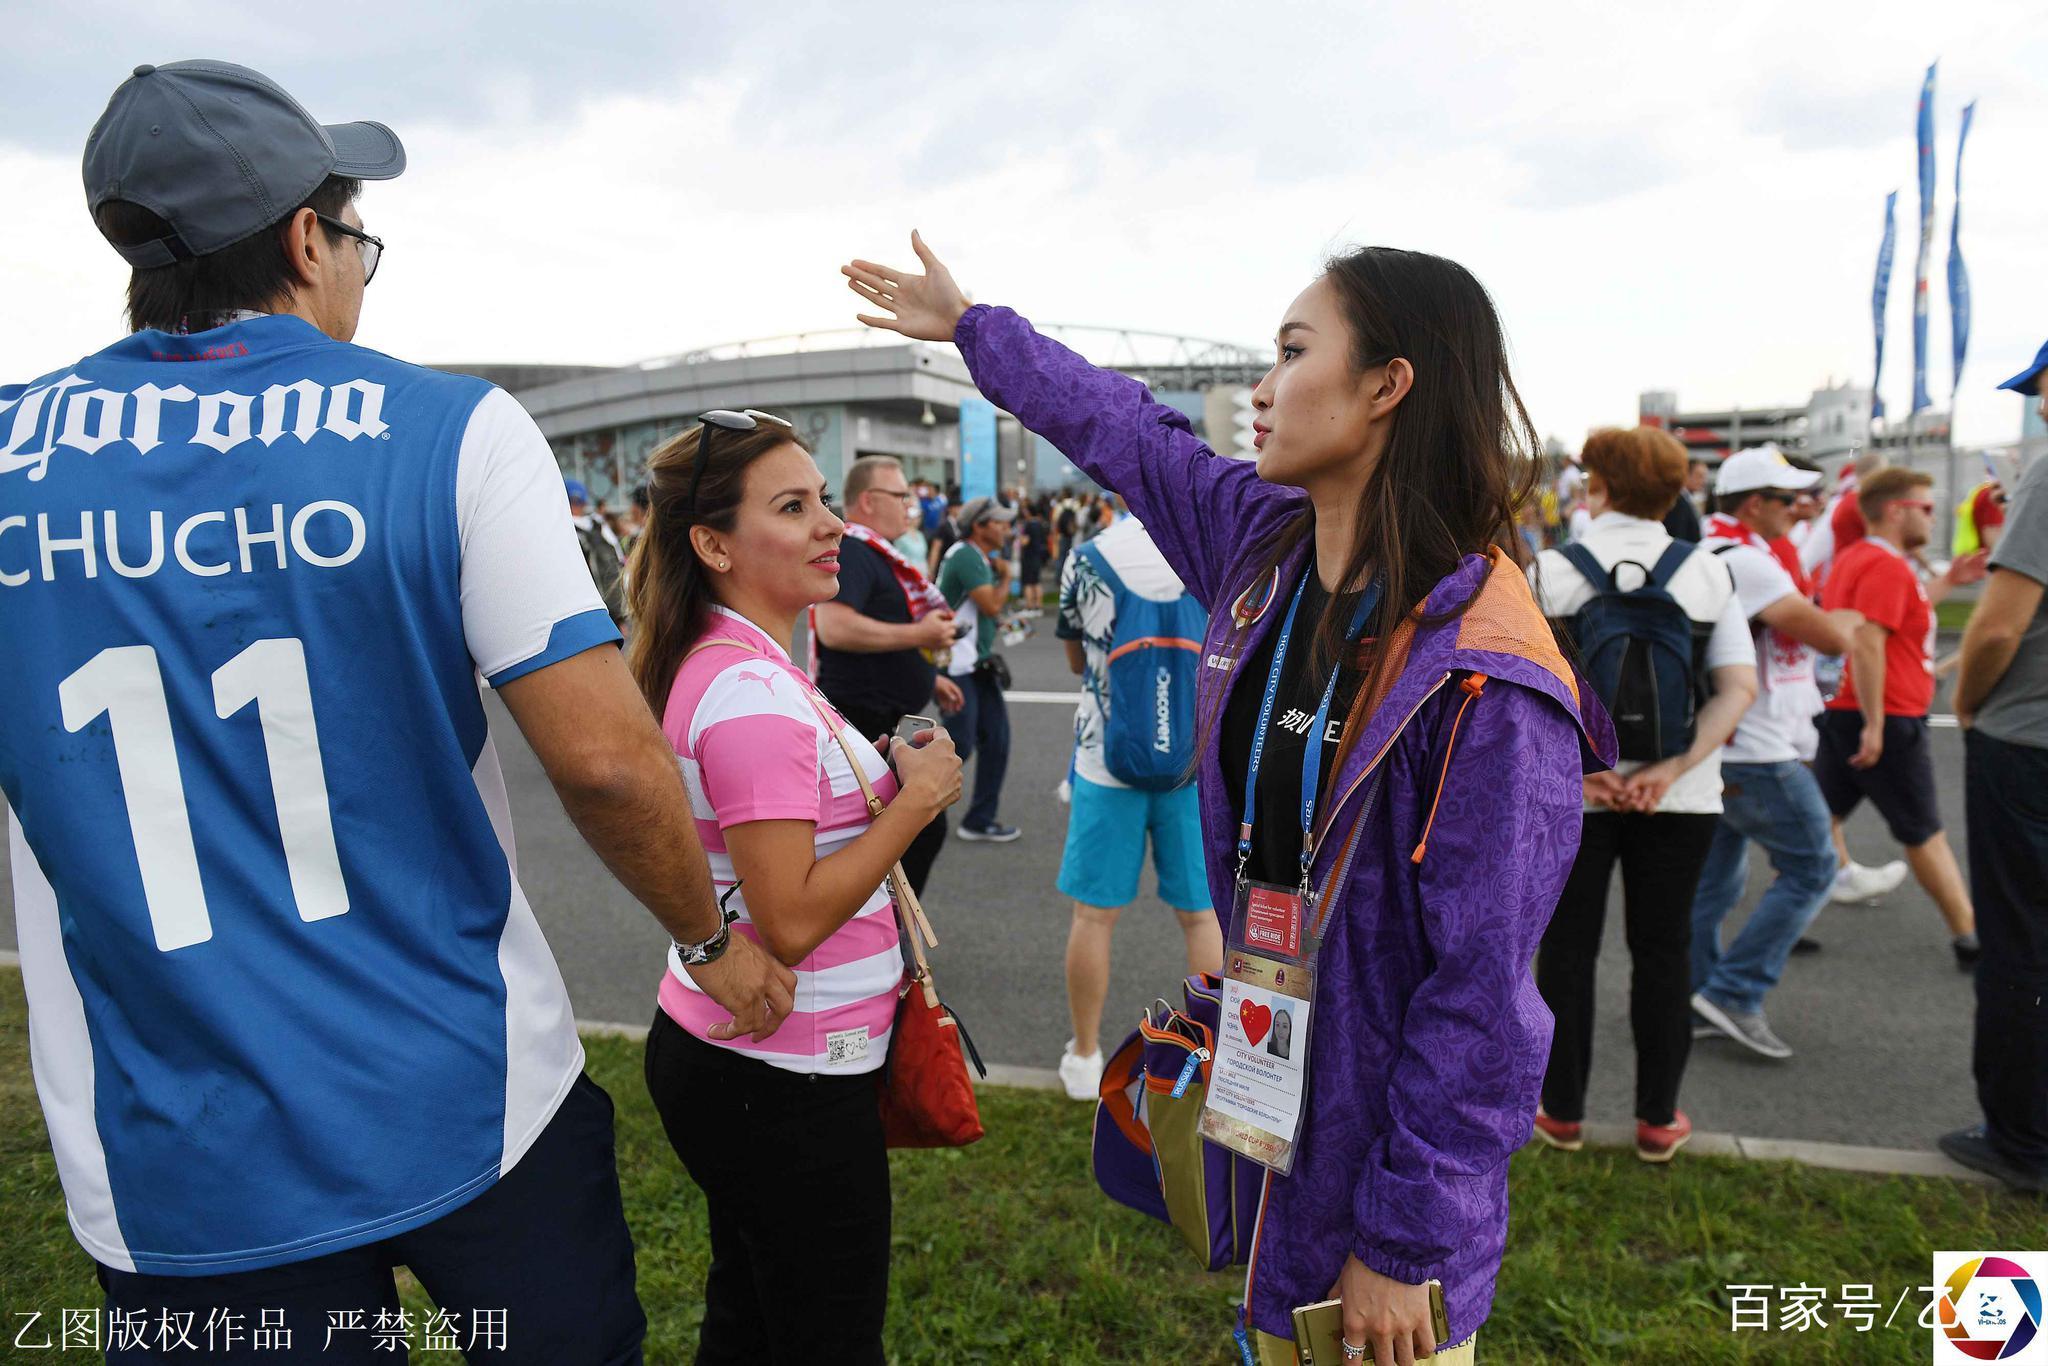 世界杯志愿者中的中国女孩,因太美常被球迷搂